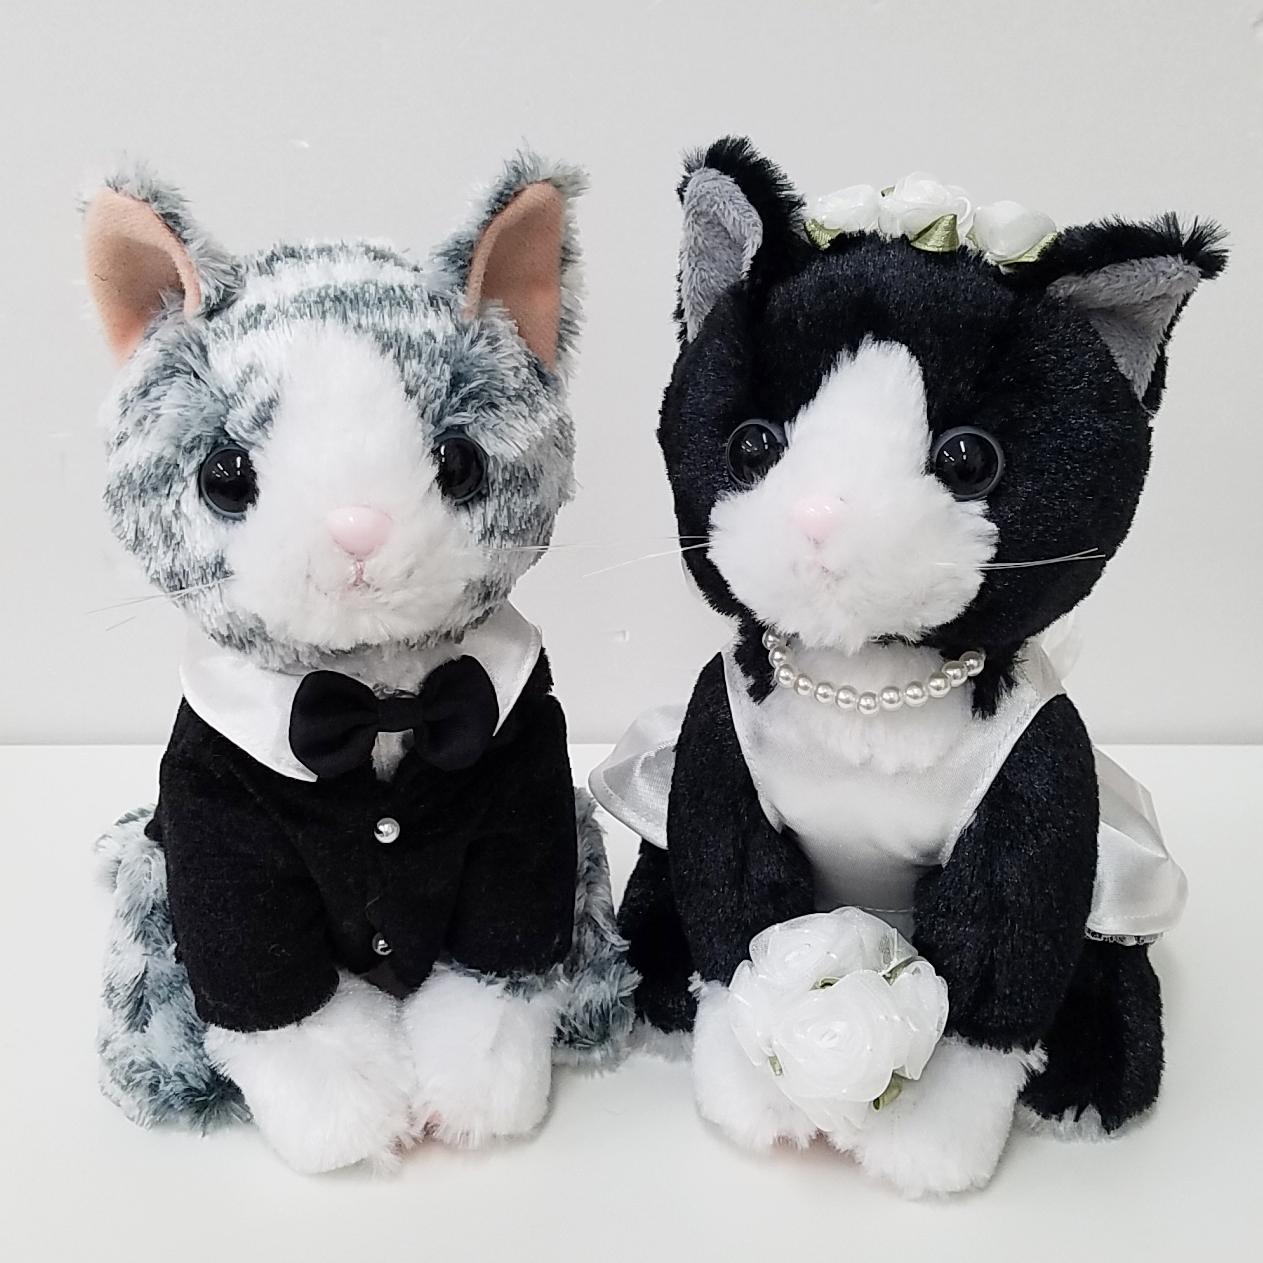 結婚式の受付や結婚祝いに|ウェルカムドール プレミアムウェディング ハチワレ 新婦